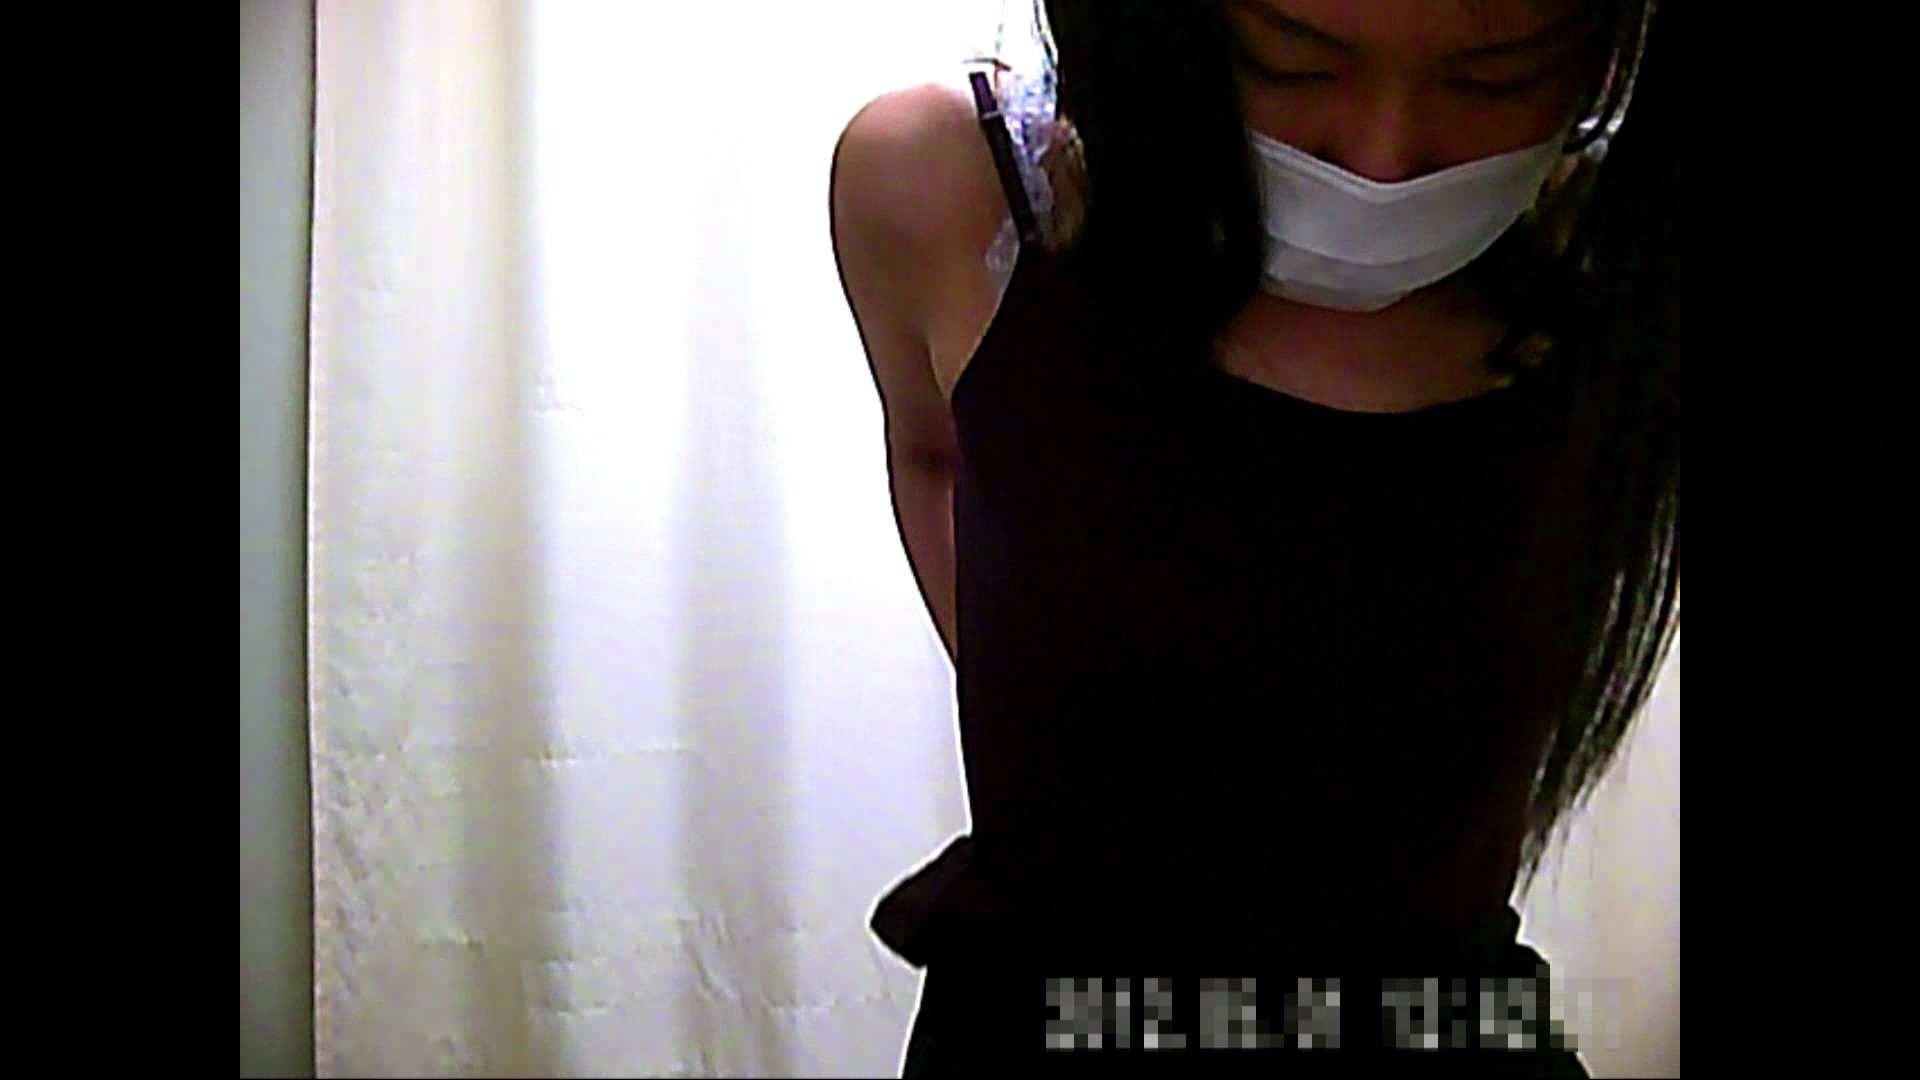 元医者による反抗 更衣室地獄絵巻 vol.004 OLの実態 | 0  37pic 5